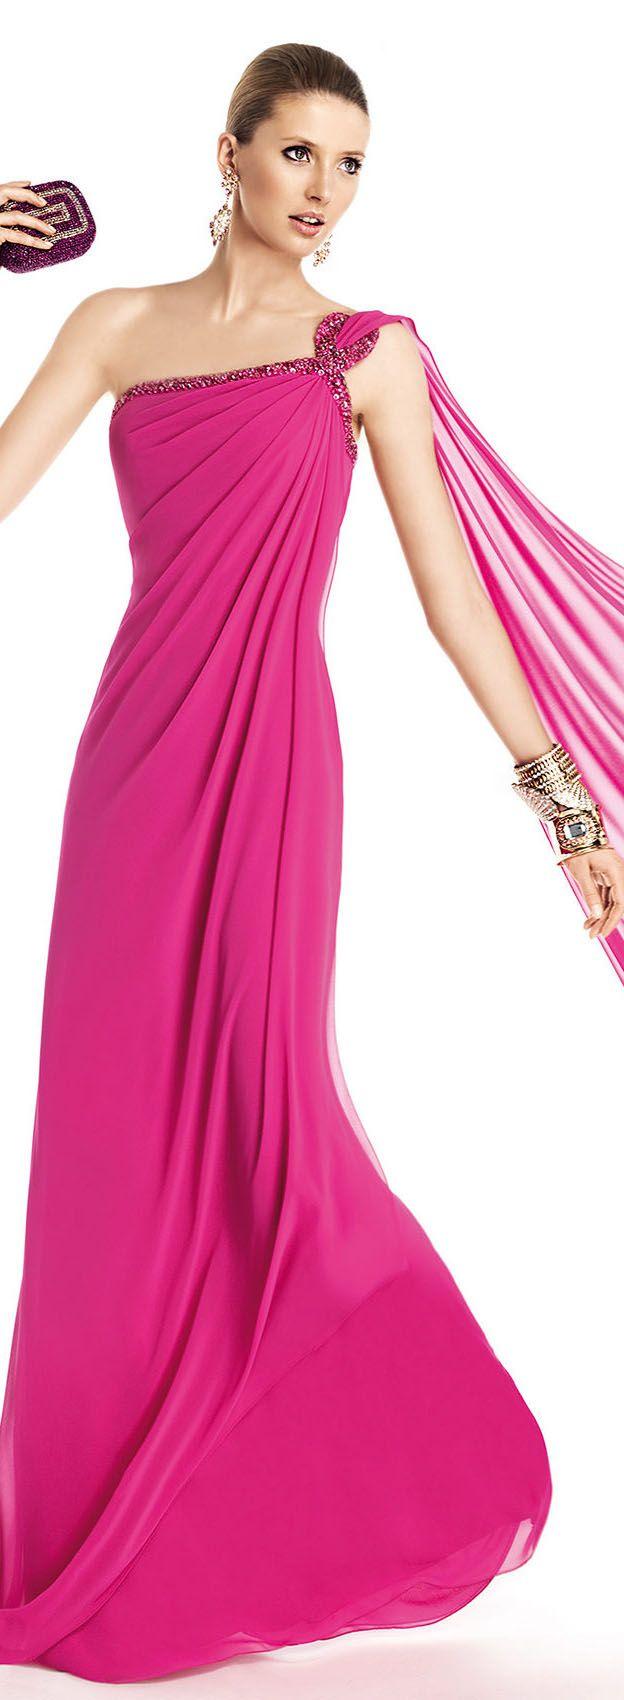 23 besten Abendkleider Bilder auf Pinterest | Kleider rock ...